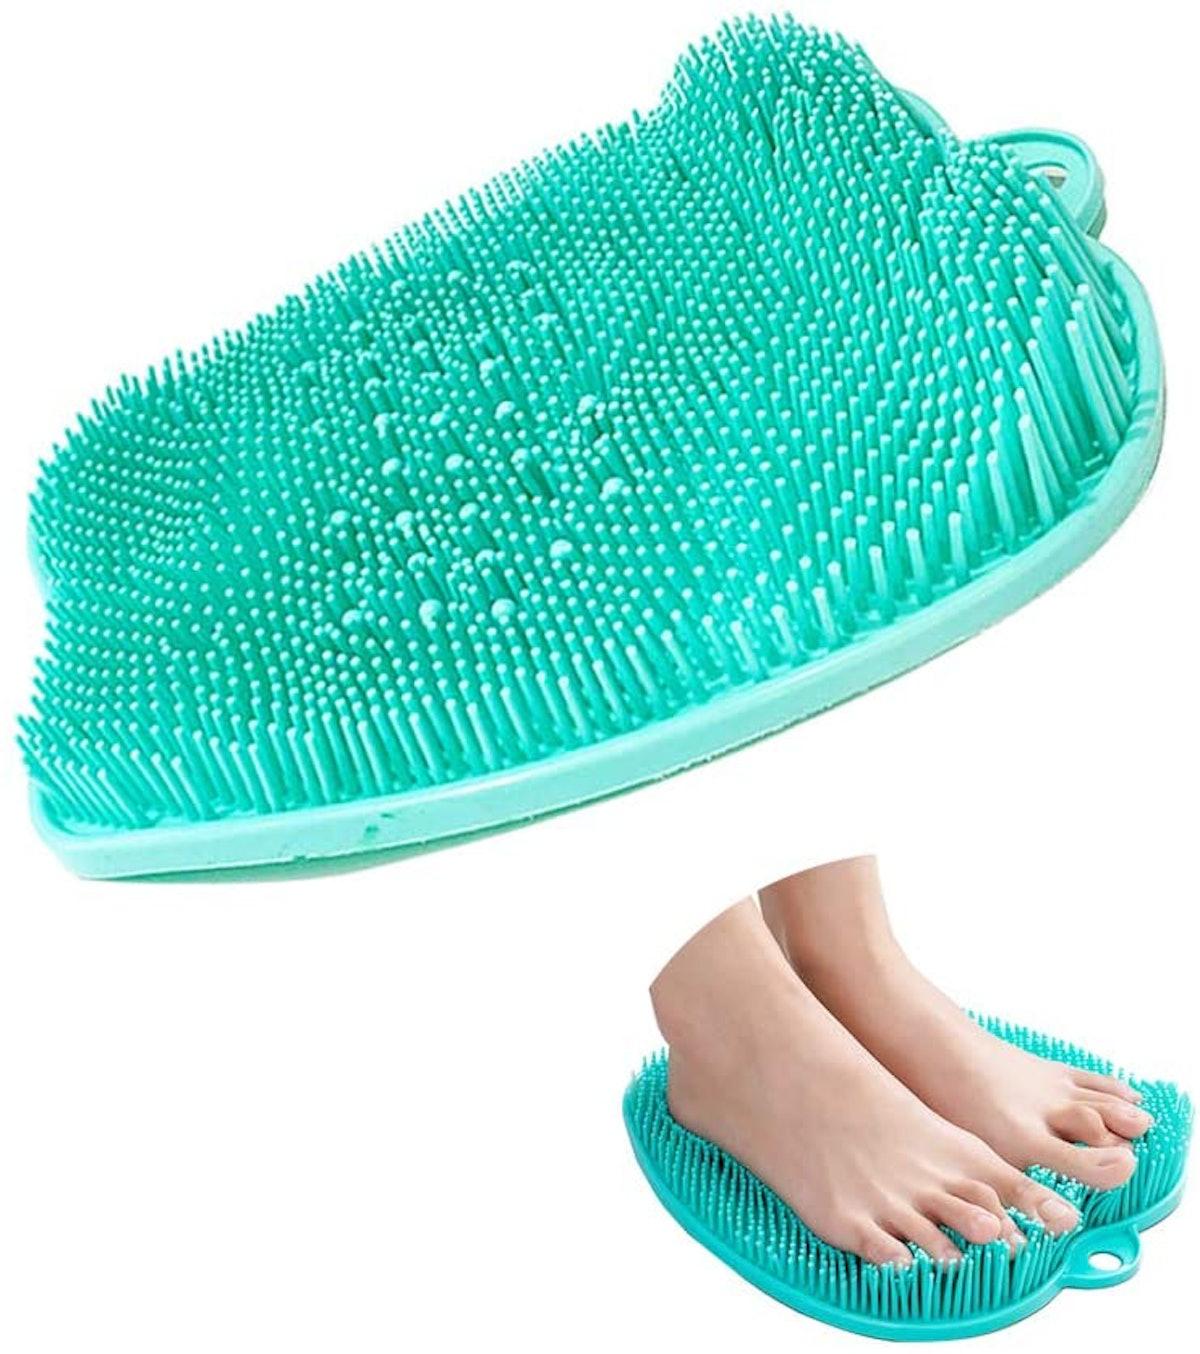 Mwellewm Shower Foot Scrubber Massager